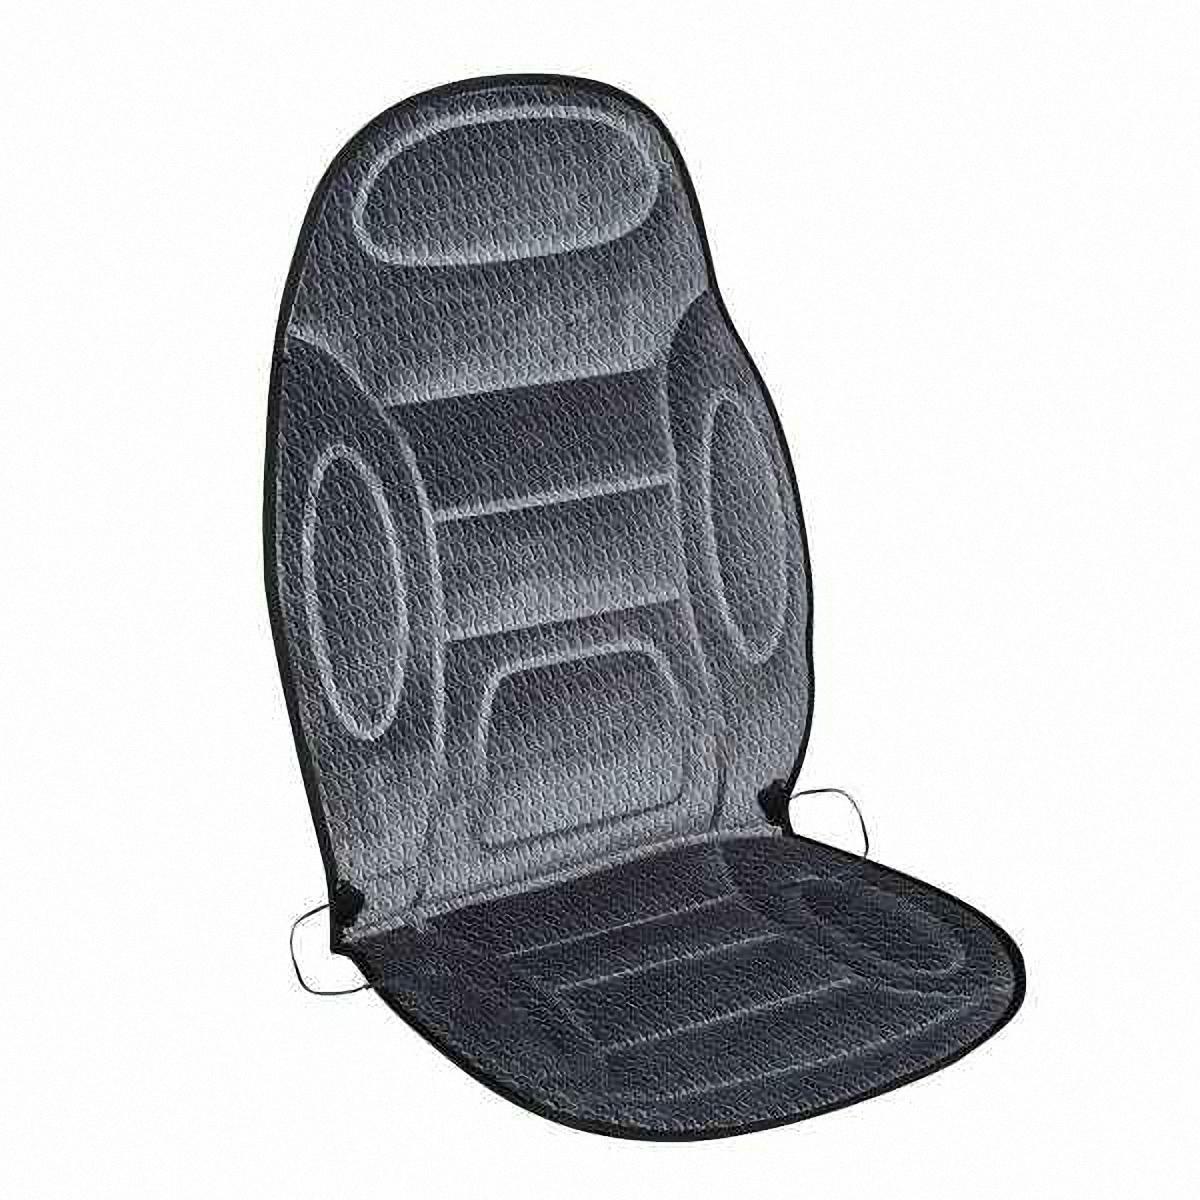 Подогрев для сиденья Skyway, со спинкой, 120 х 51 смS02201017В подогреве для сиденья Skyway в качестве теплоносителя применяется углеродный материал. Такой нагреватель обладает феноменальной гибкостью и прочностью на разрыв в отличие от аналогов, изготовленных из медного или иного металлического провода. Особенности: - Универсальный размер. - Снижает усталость при управлении автомобилем. - Обеспечивает комфортное вождение в холодное время года. - Простая и быстрая установка. - Умеренный и интенсивный режим нагрева. - Терморегулятор для изменения интенсивности нагрева. - Защита крепления шнура питания к подогреву. Устройство подключается к прикуривателю на 12V.